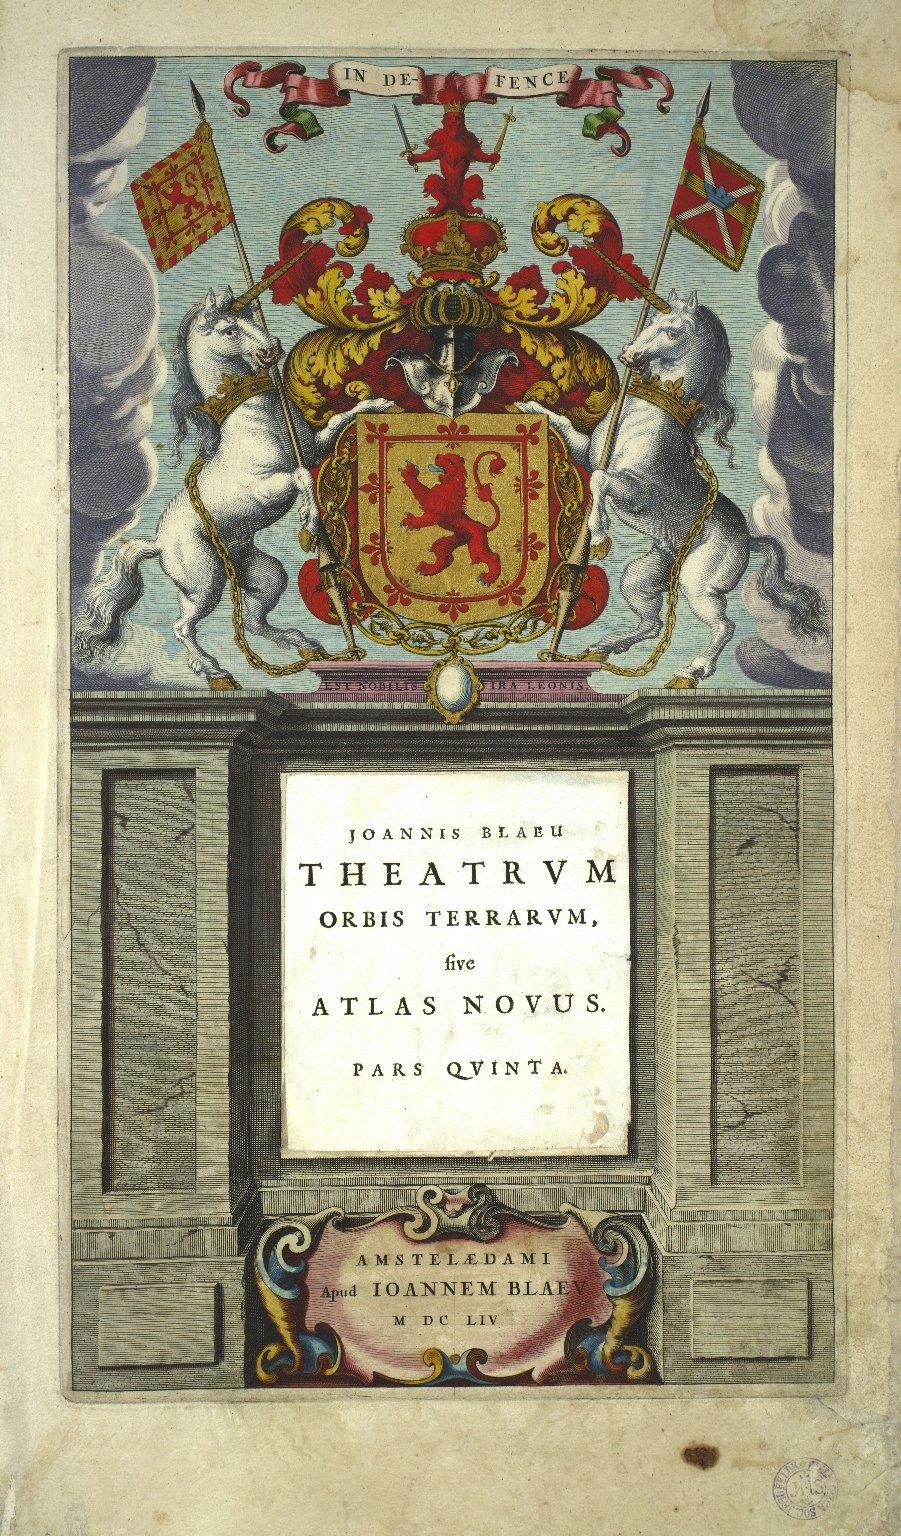 Theatrum orbis terrarum, sive atlas novus. Pars quinta [1 of 1]